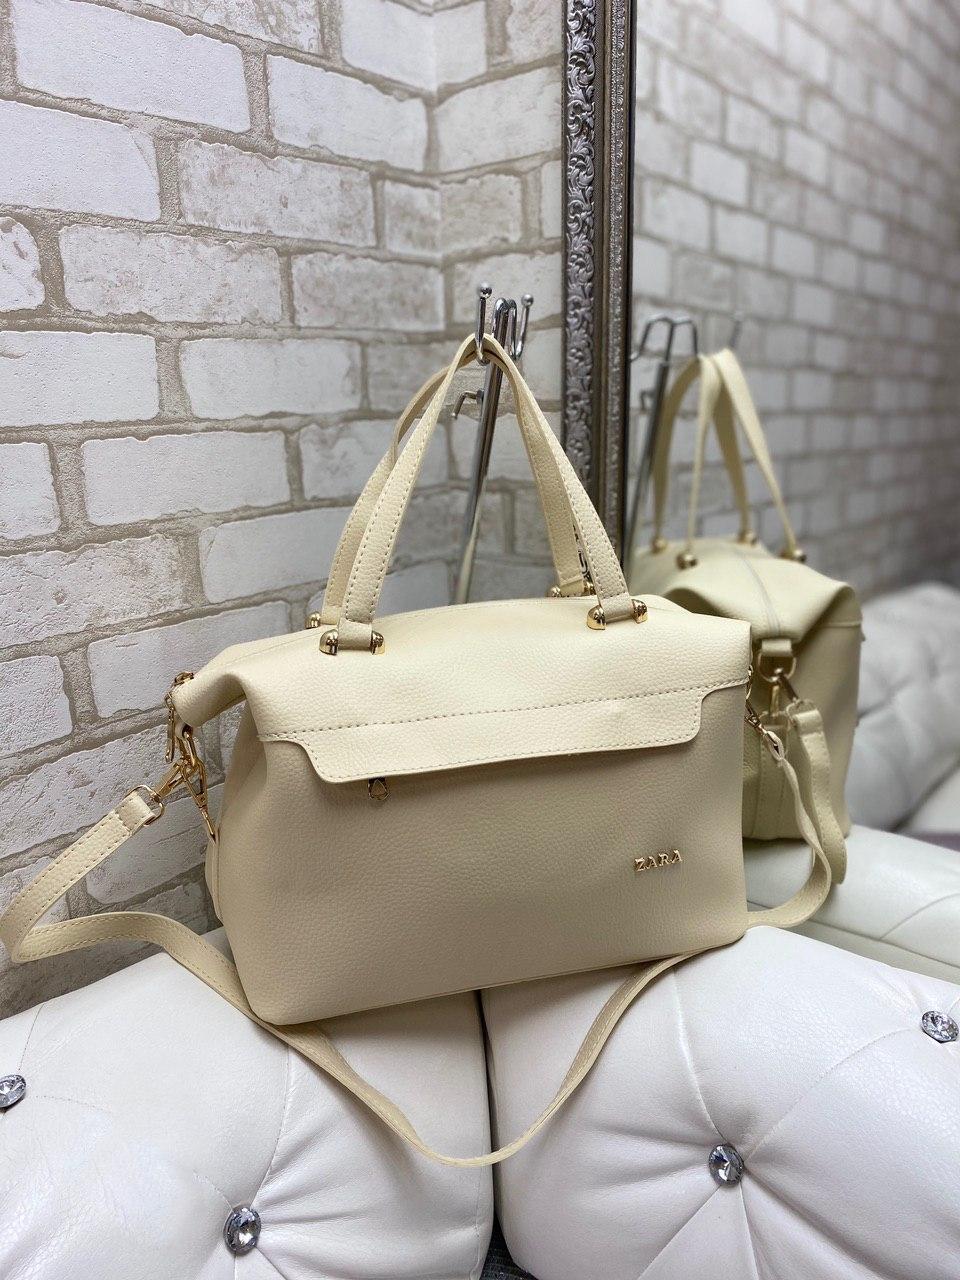 Большая женская сумка на плечо бежевая модная городская саквояж шоппер брендовая кожзам